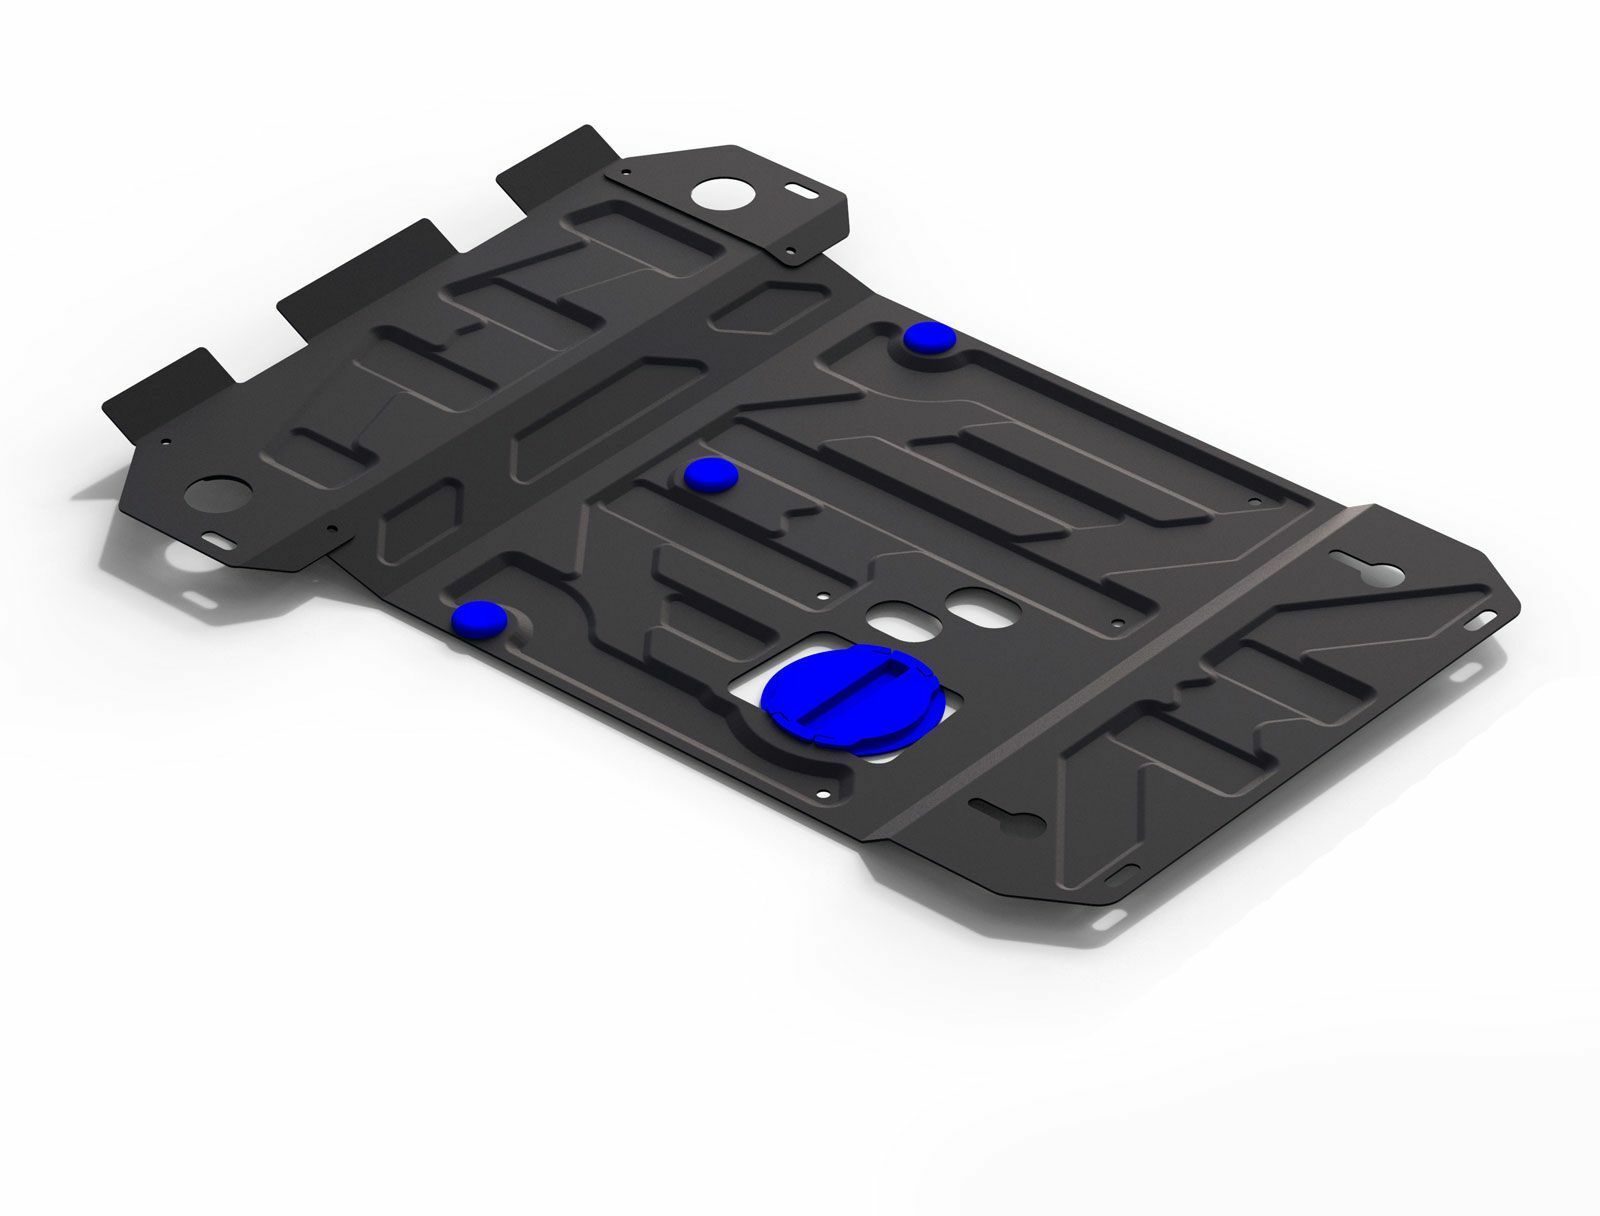 Unterfahrschutz Motorschutz aus Stahl für Suzuki Grand Vitara 2005-2016